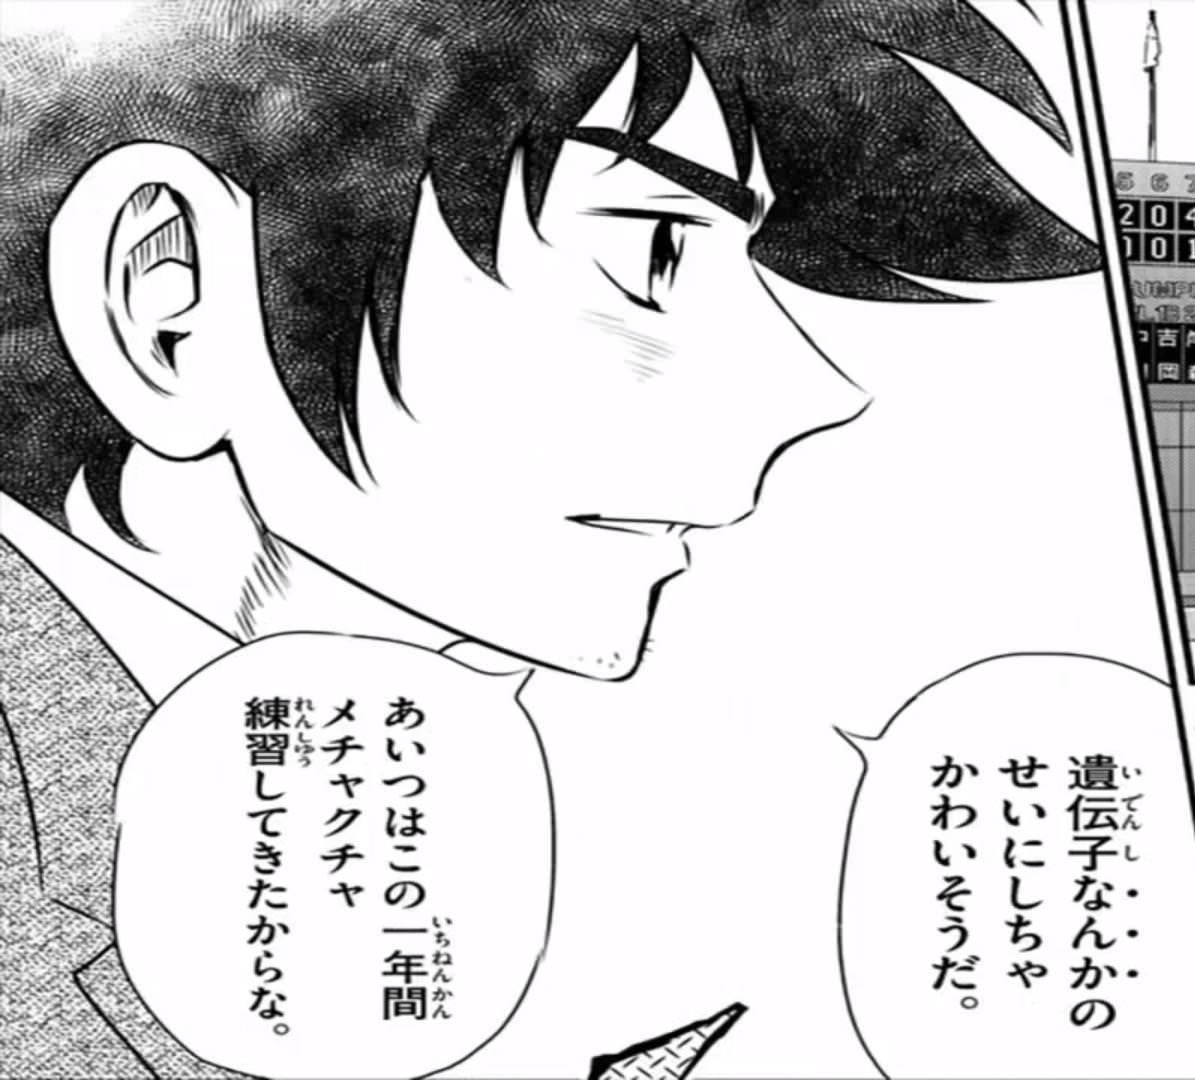 茂野吾郎さん、息子を認める